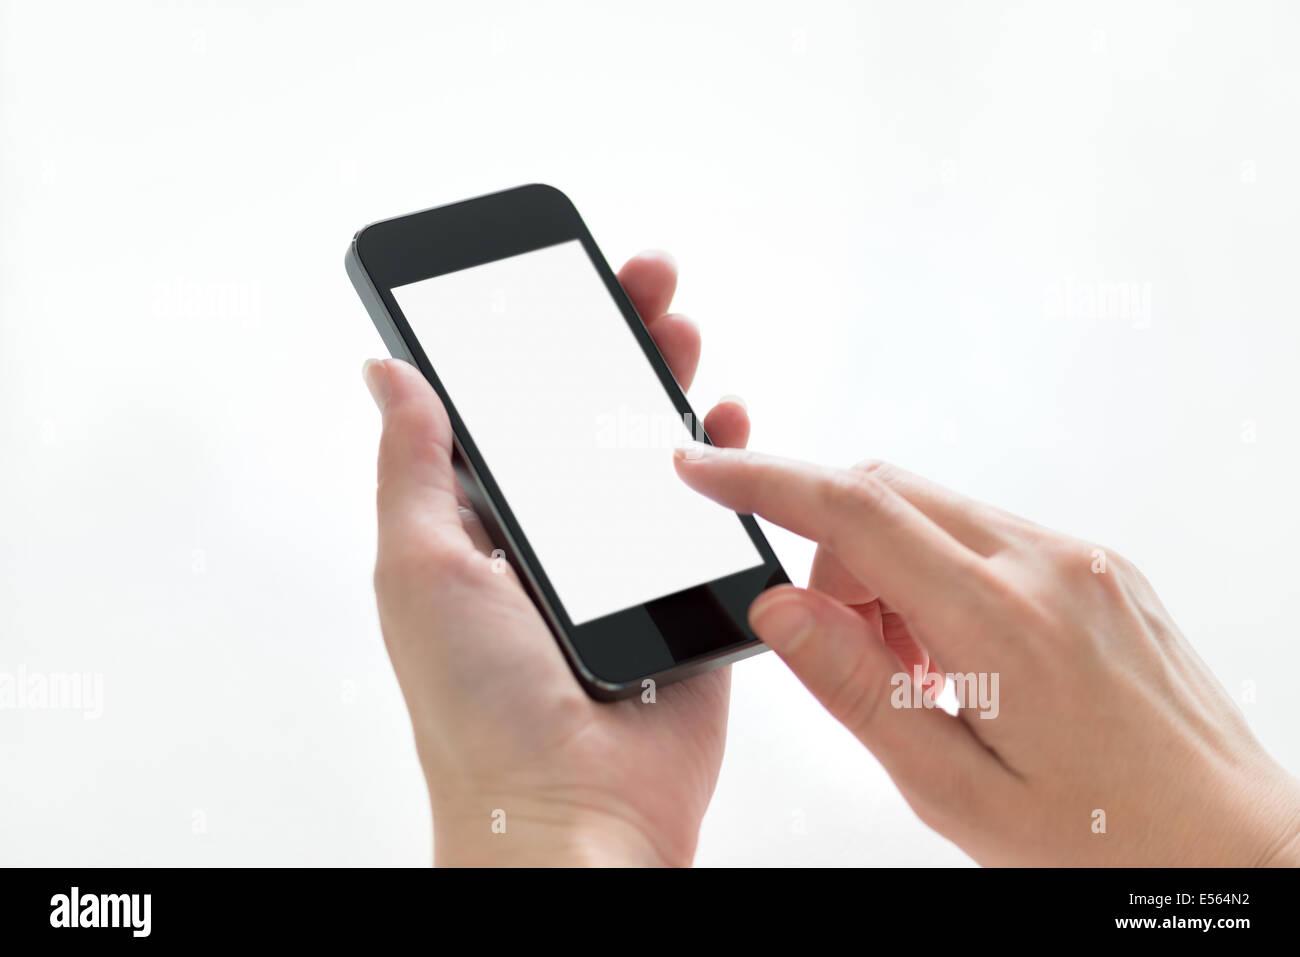 Manos femeninas y conmovedora celebración en mobile smartphone con pantalla en blanco. Aislado sobre fondo Imagen De Stock